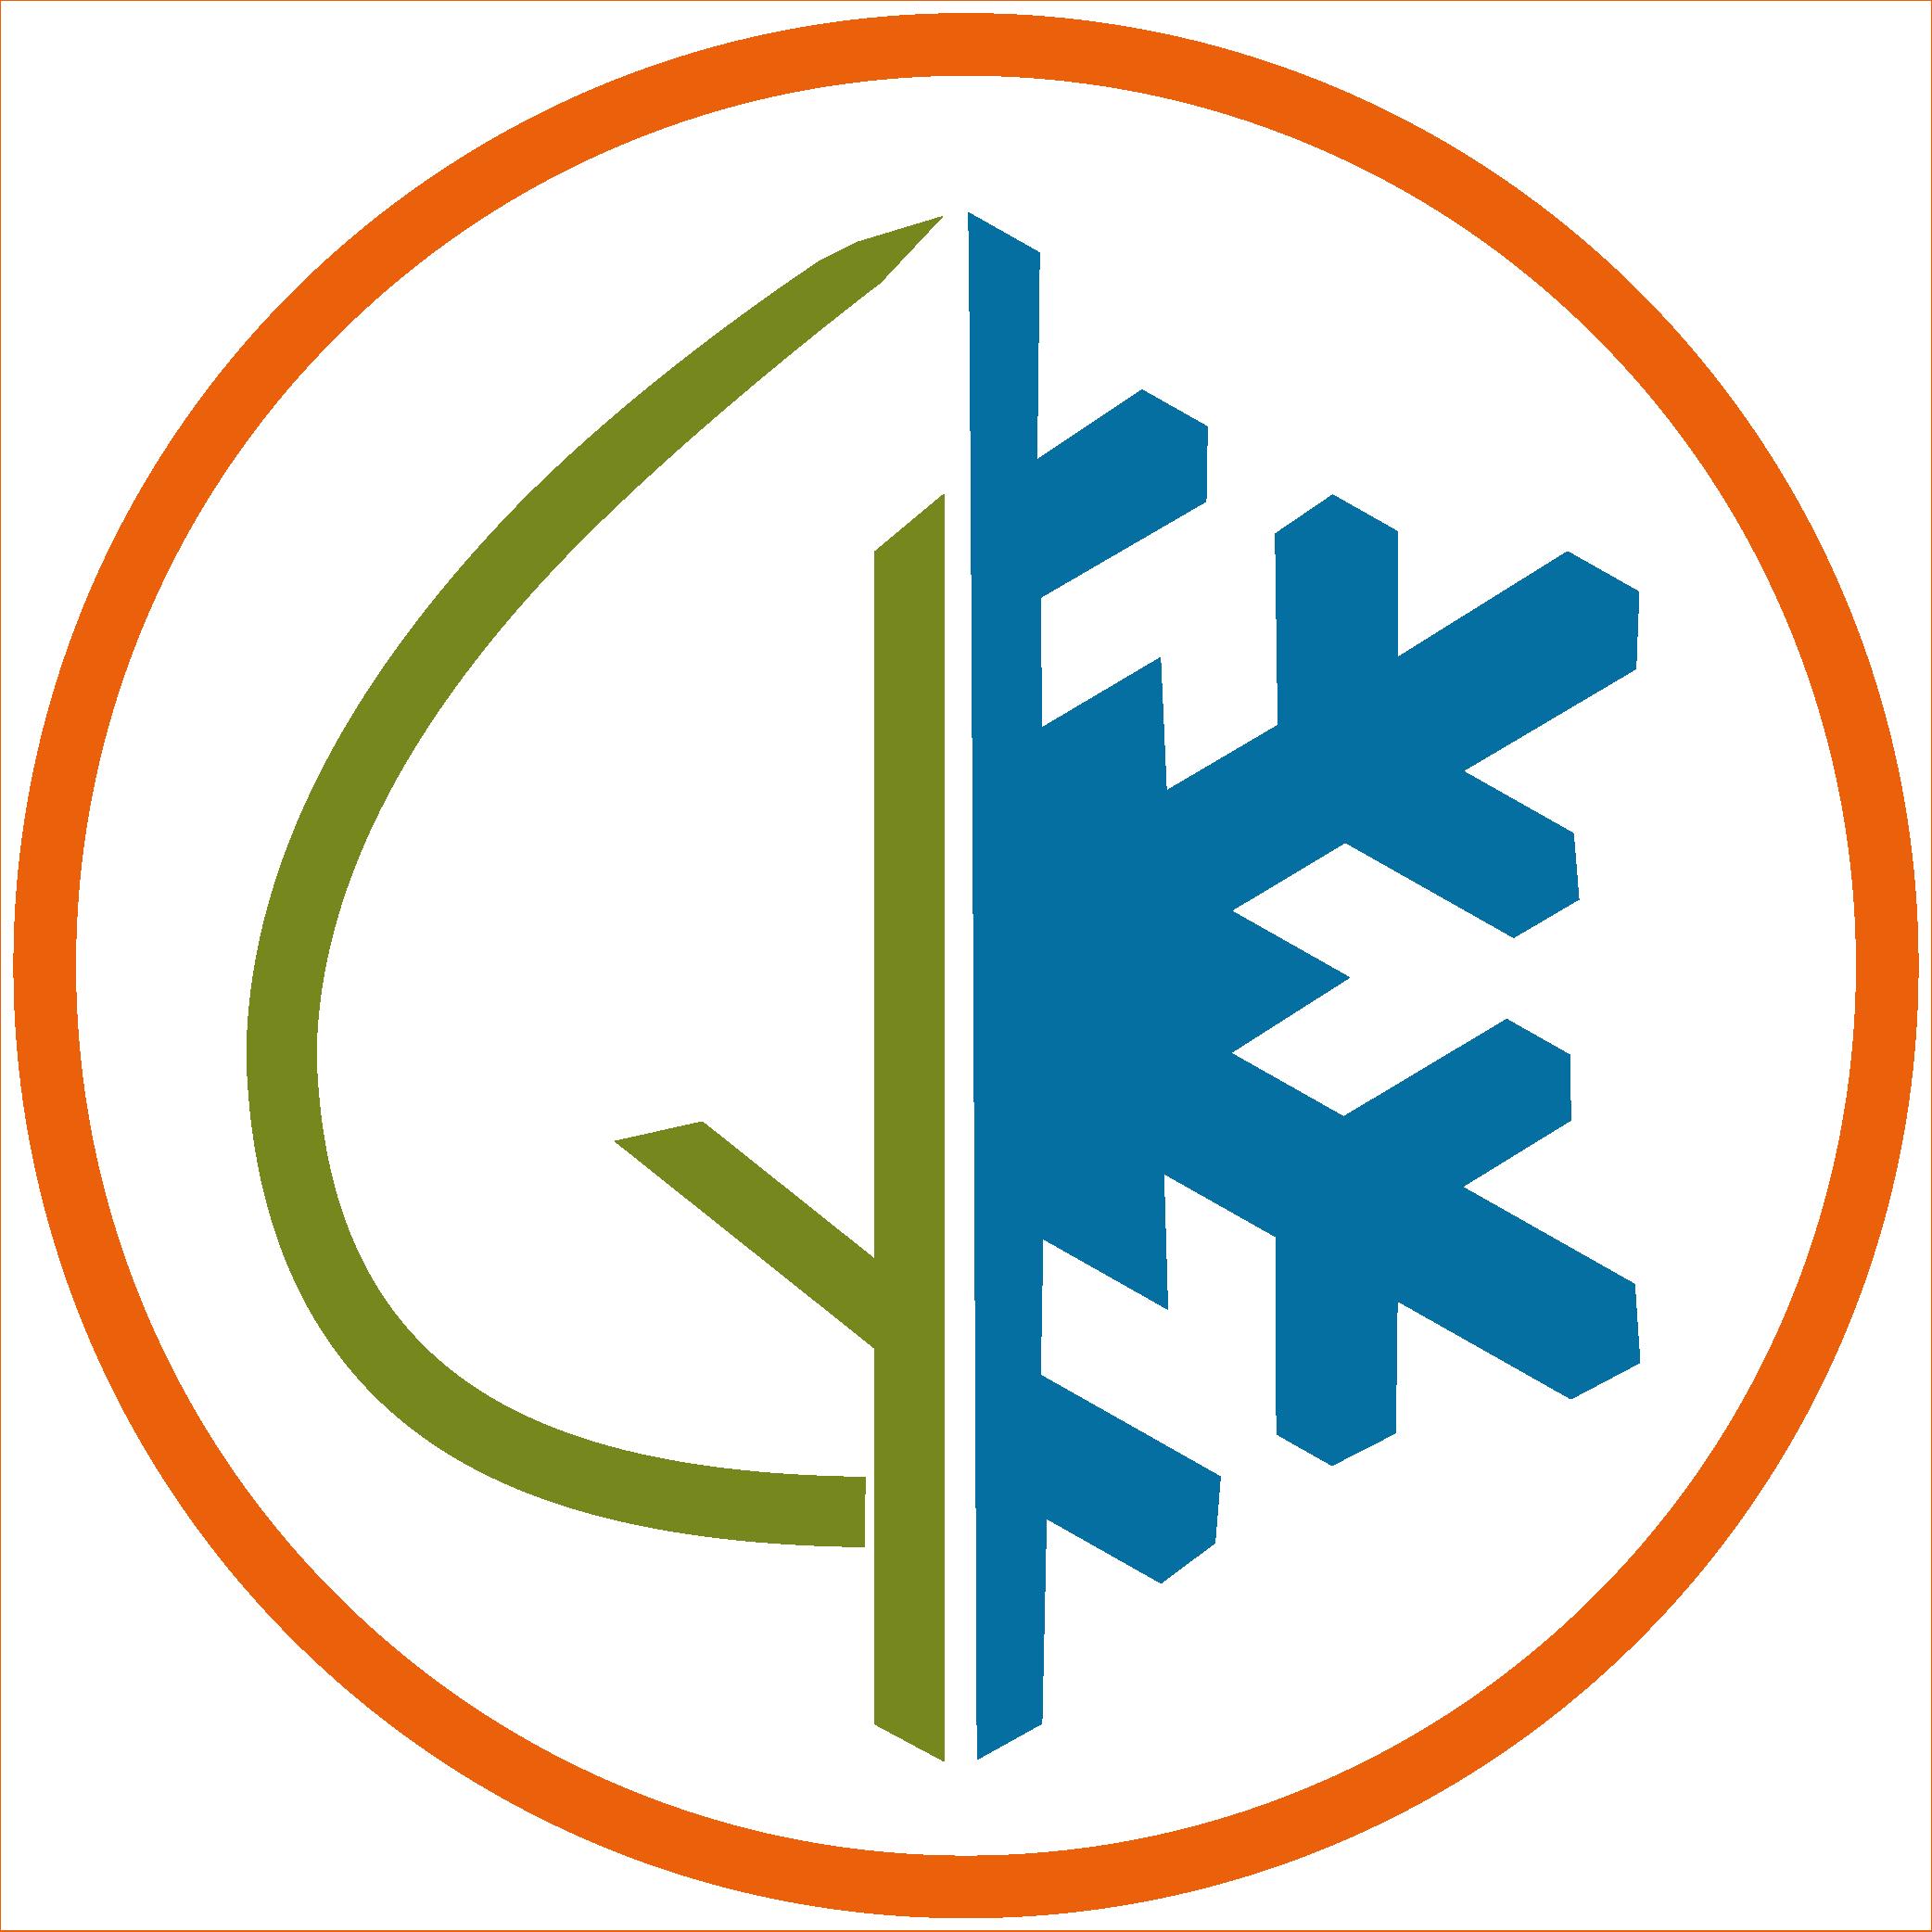 Icon-Kältemittel